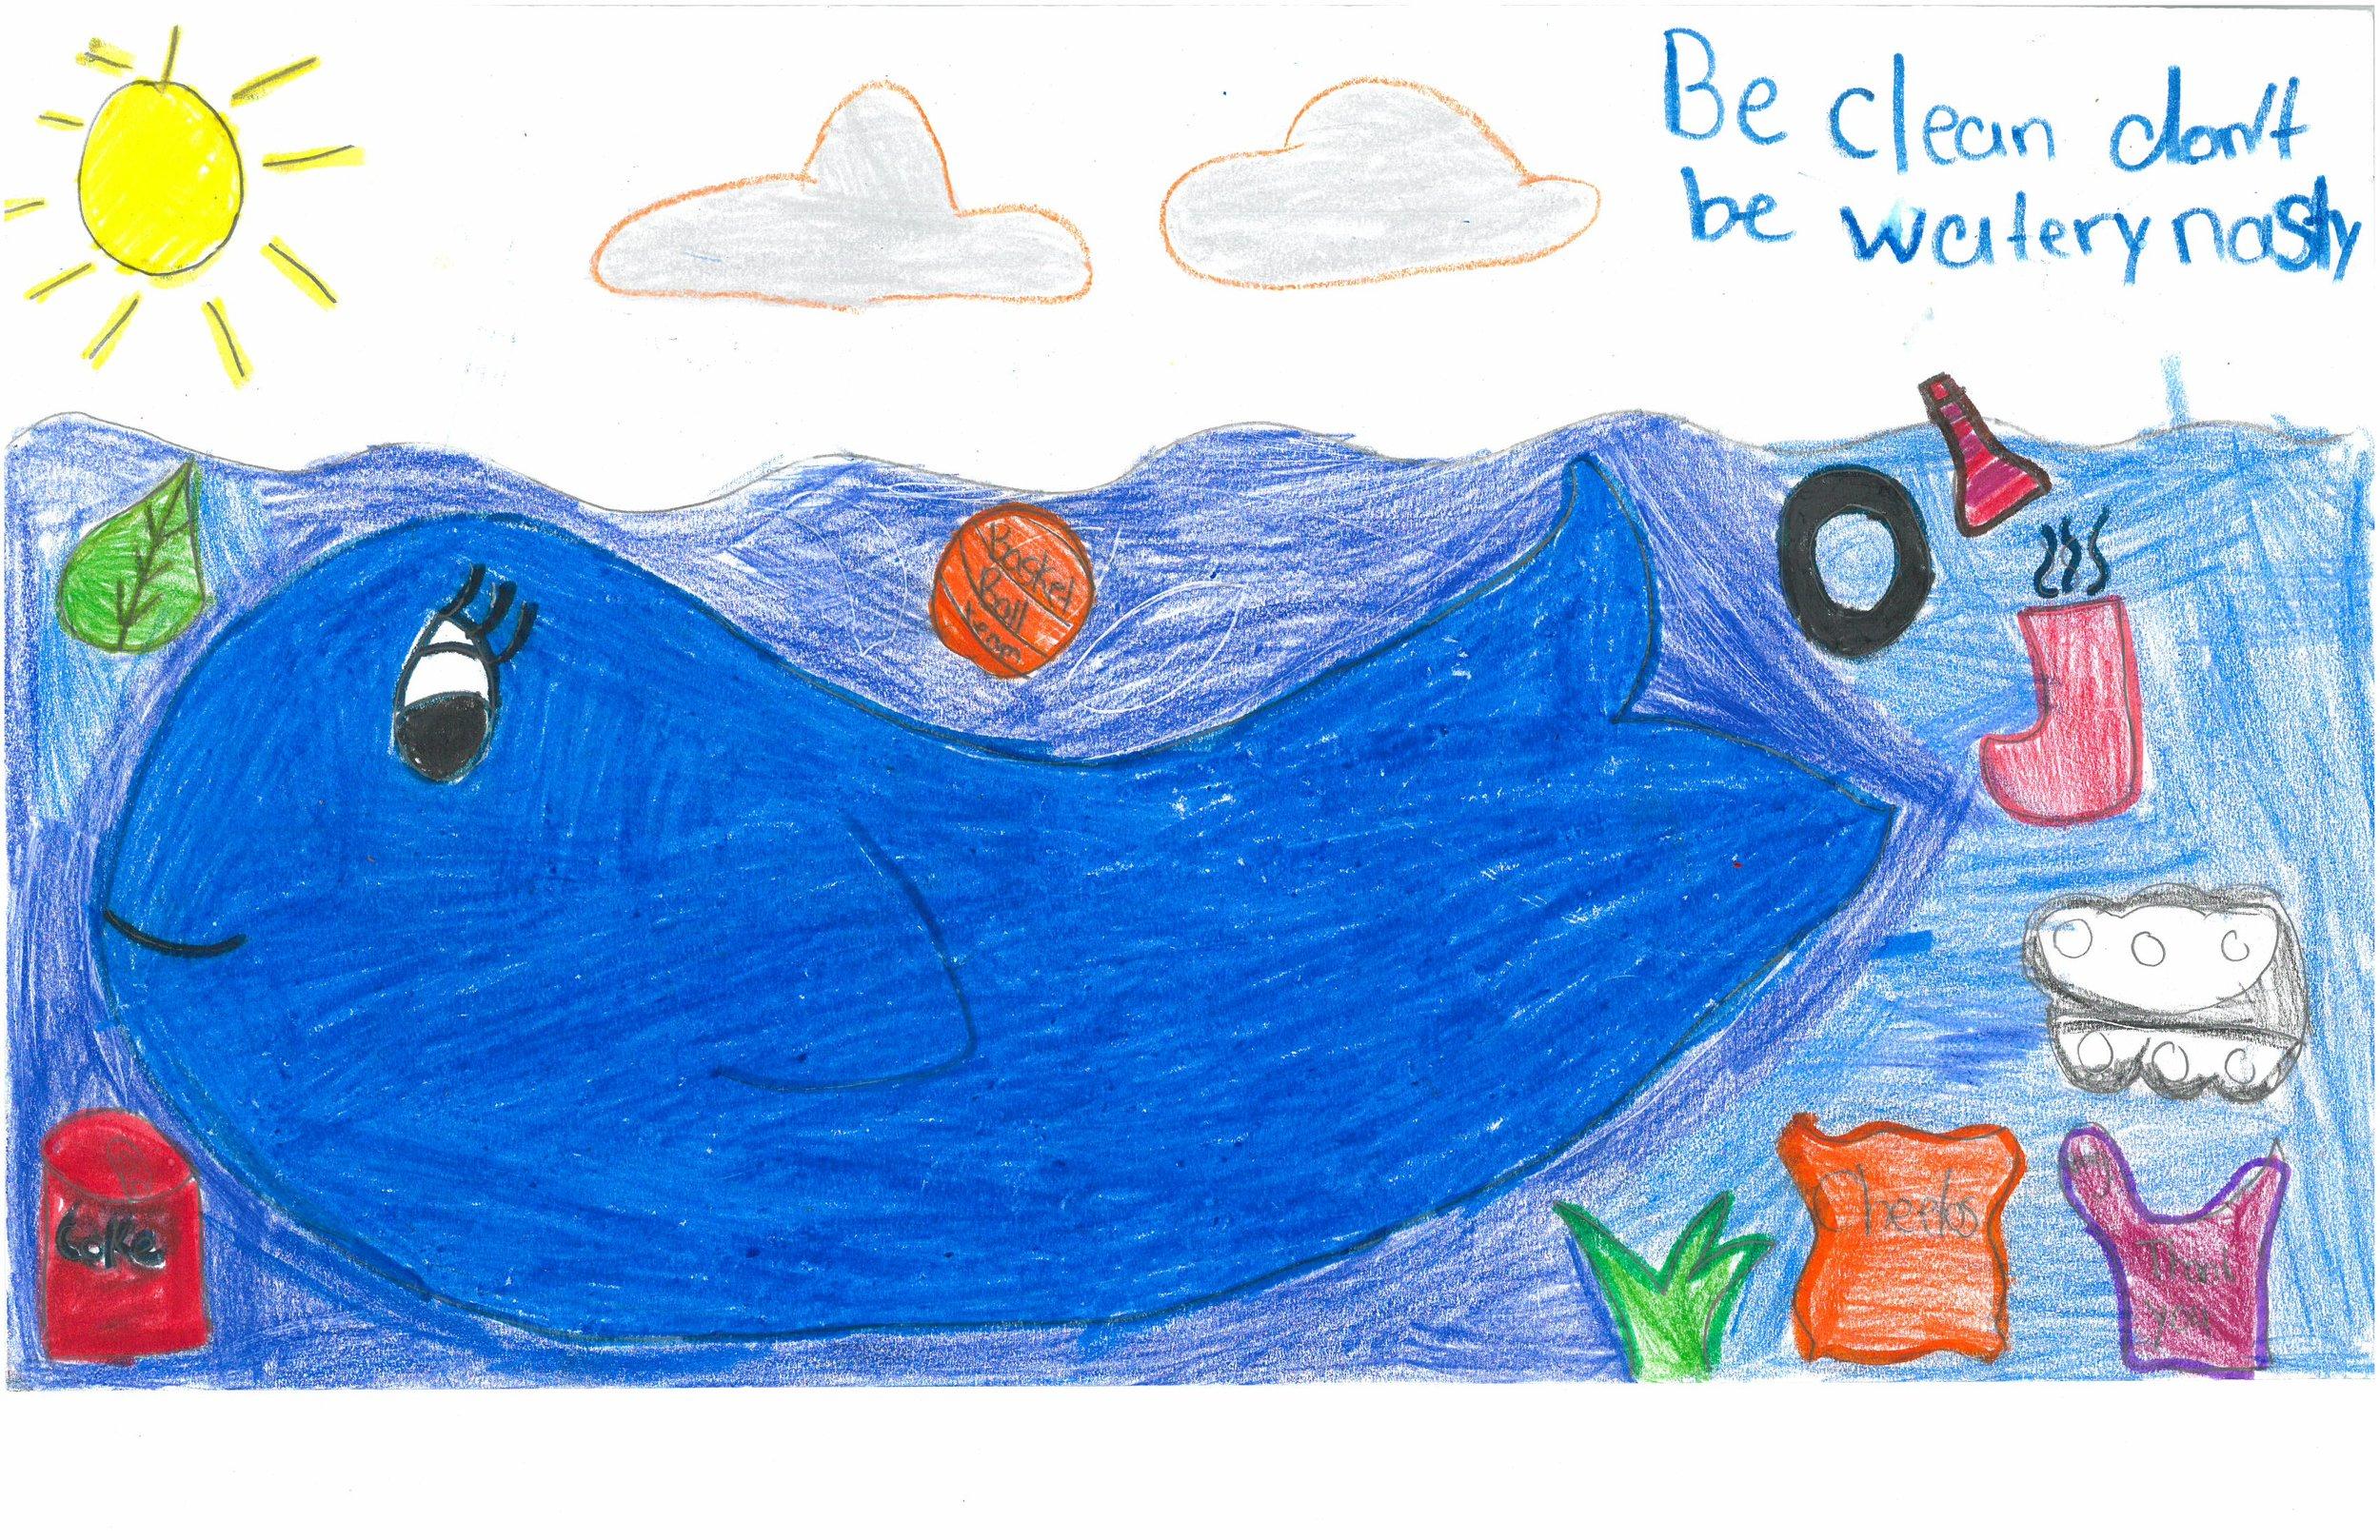 Adriana Martin, 5th grader at Sharpe Elem.